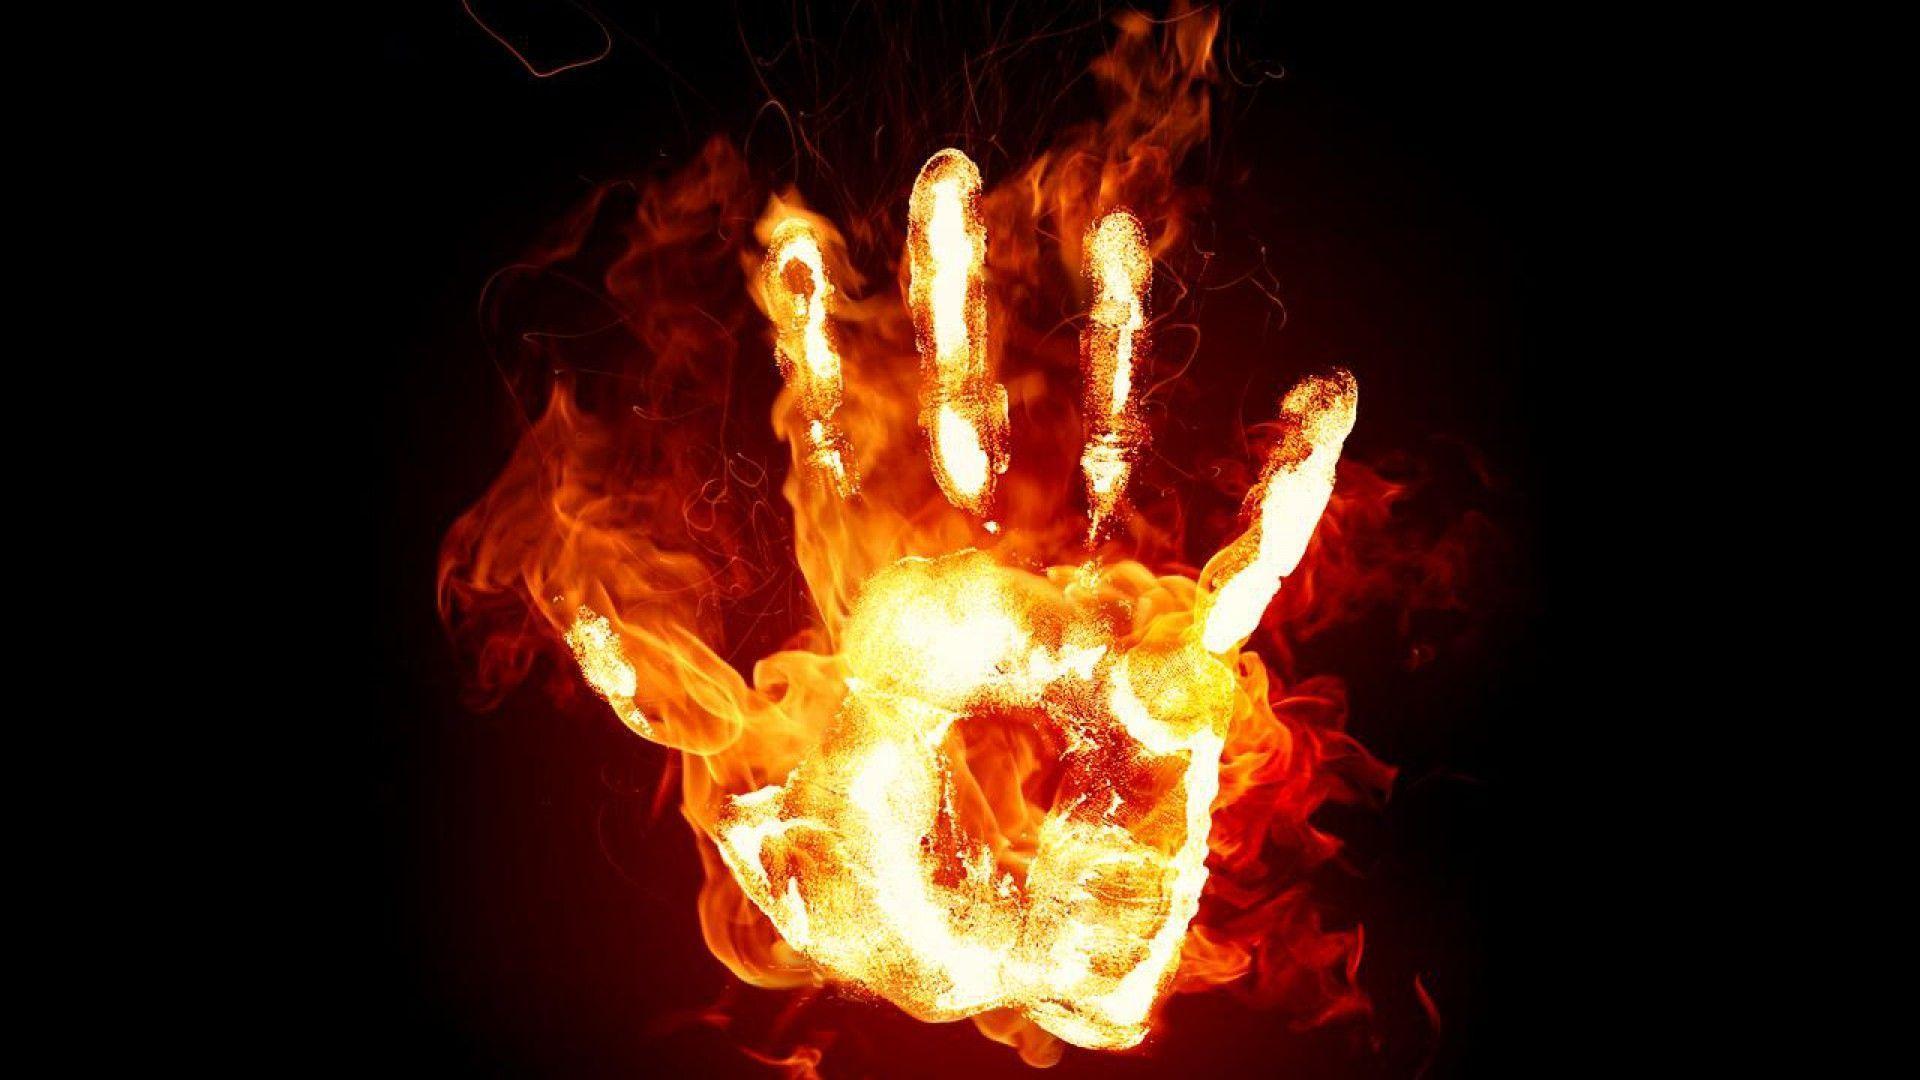 Hình ảnh ngọn lửa từ bàn tay lửa